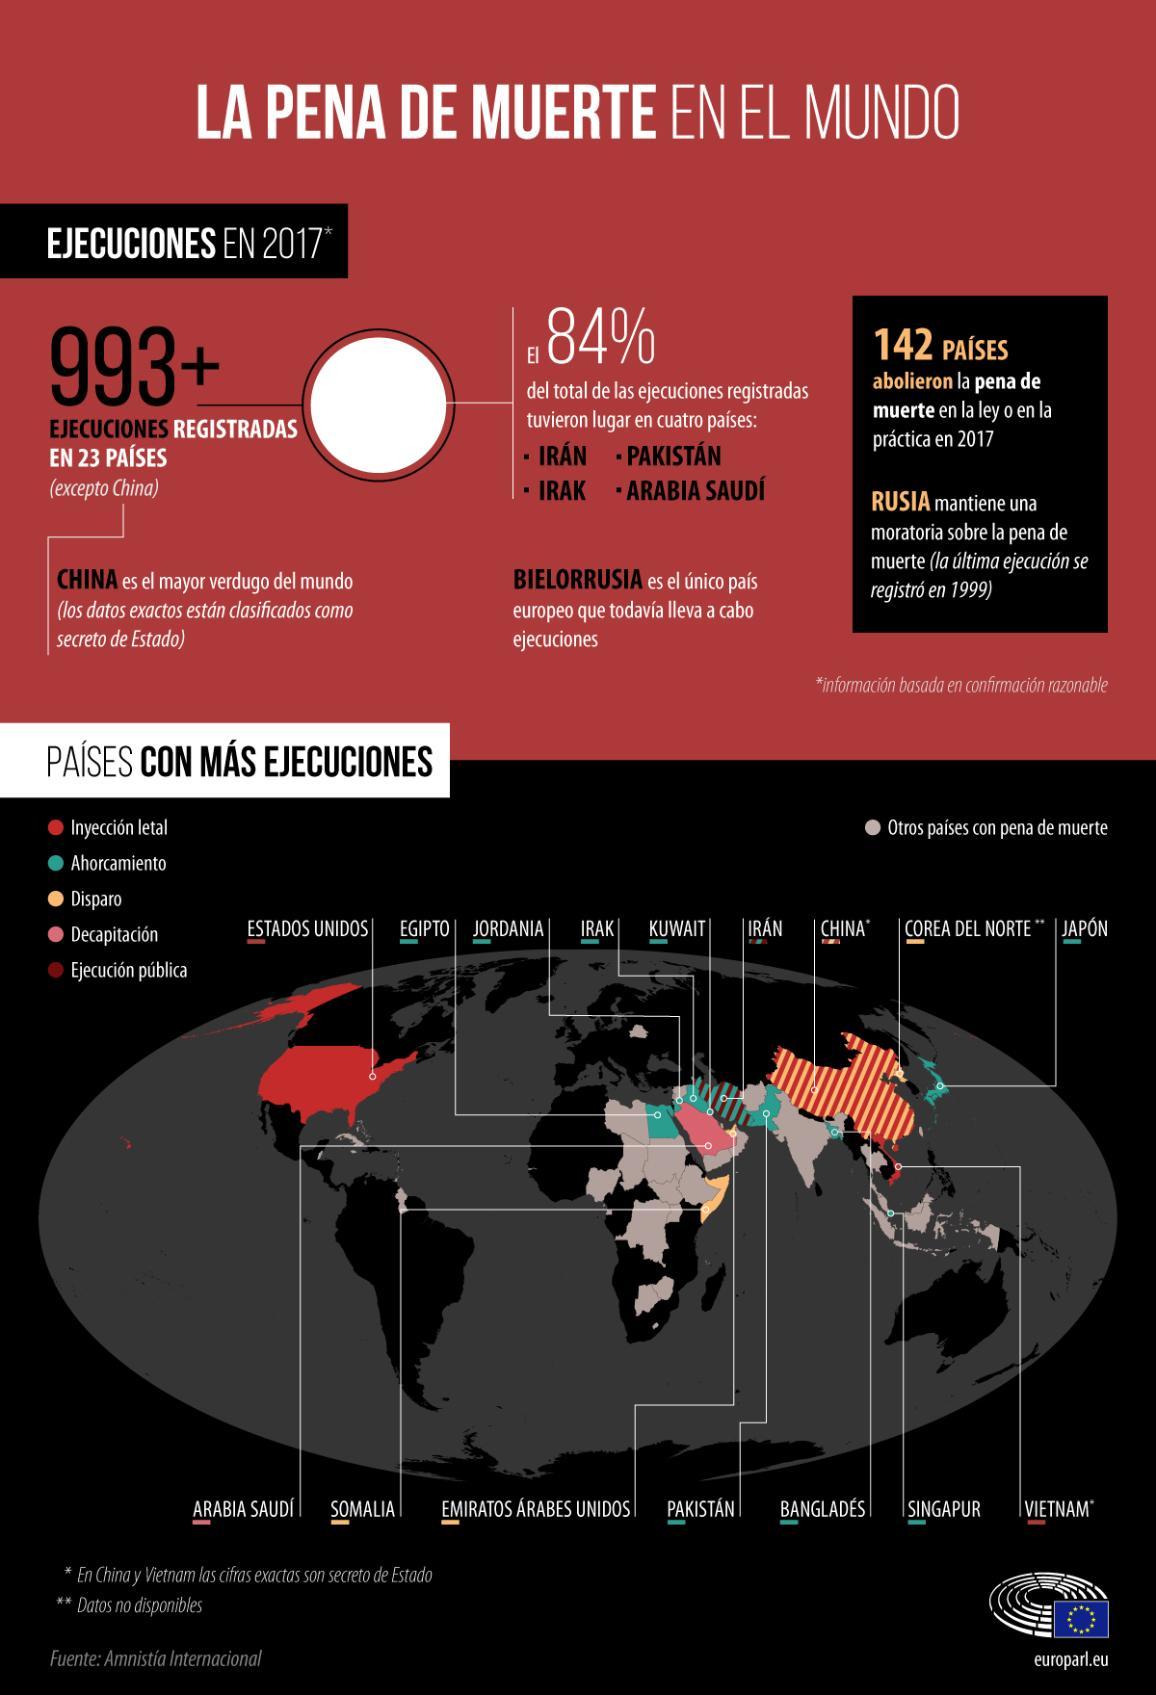 Inforgrafía: La pena de muerte en el mundo